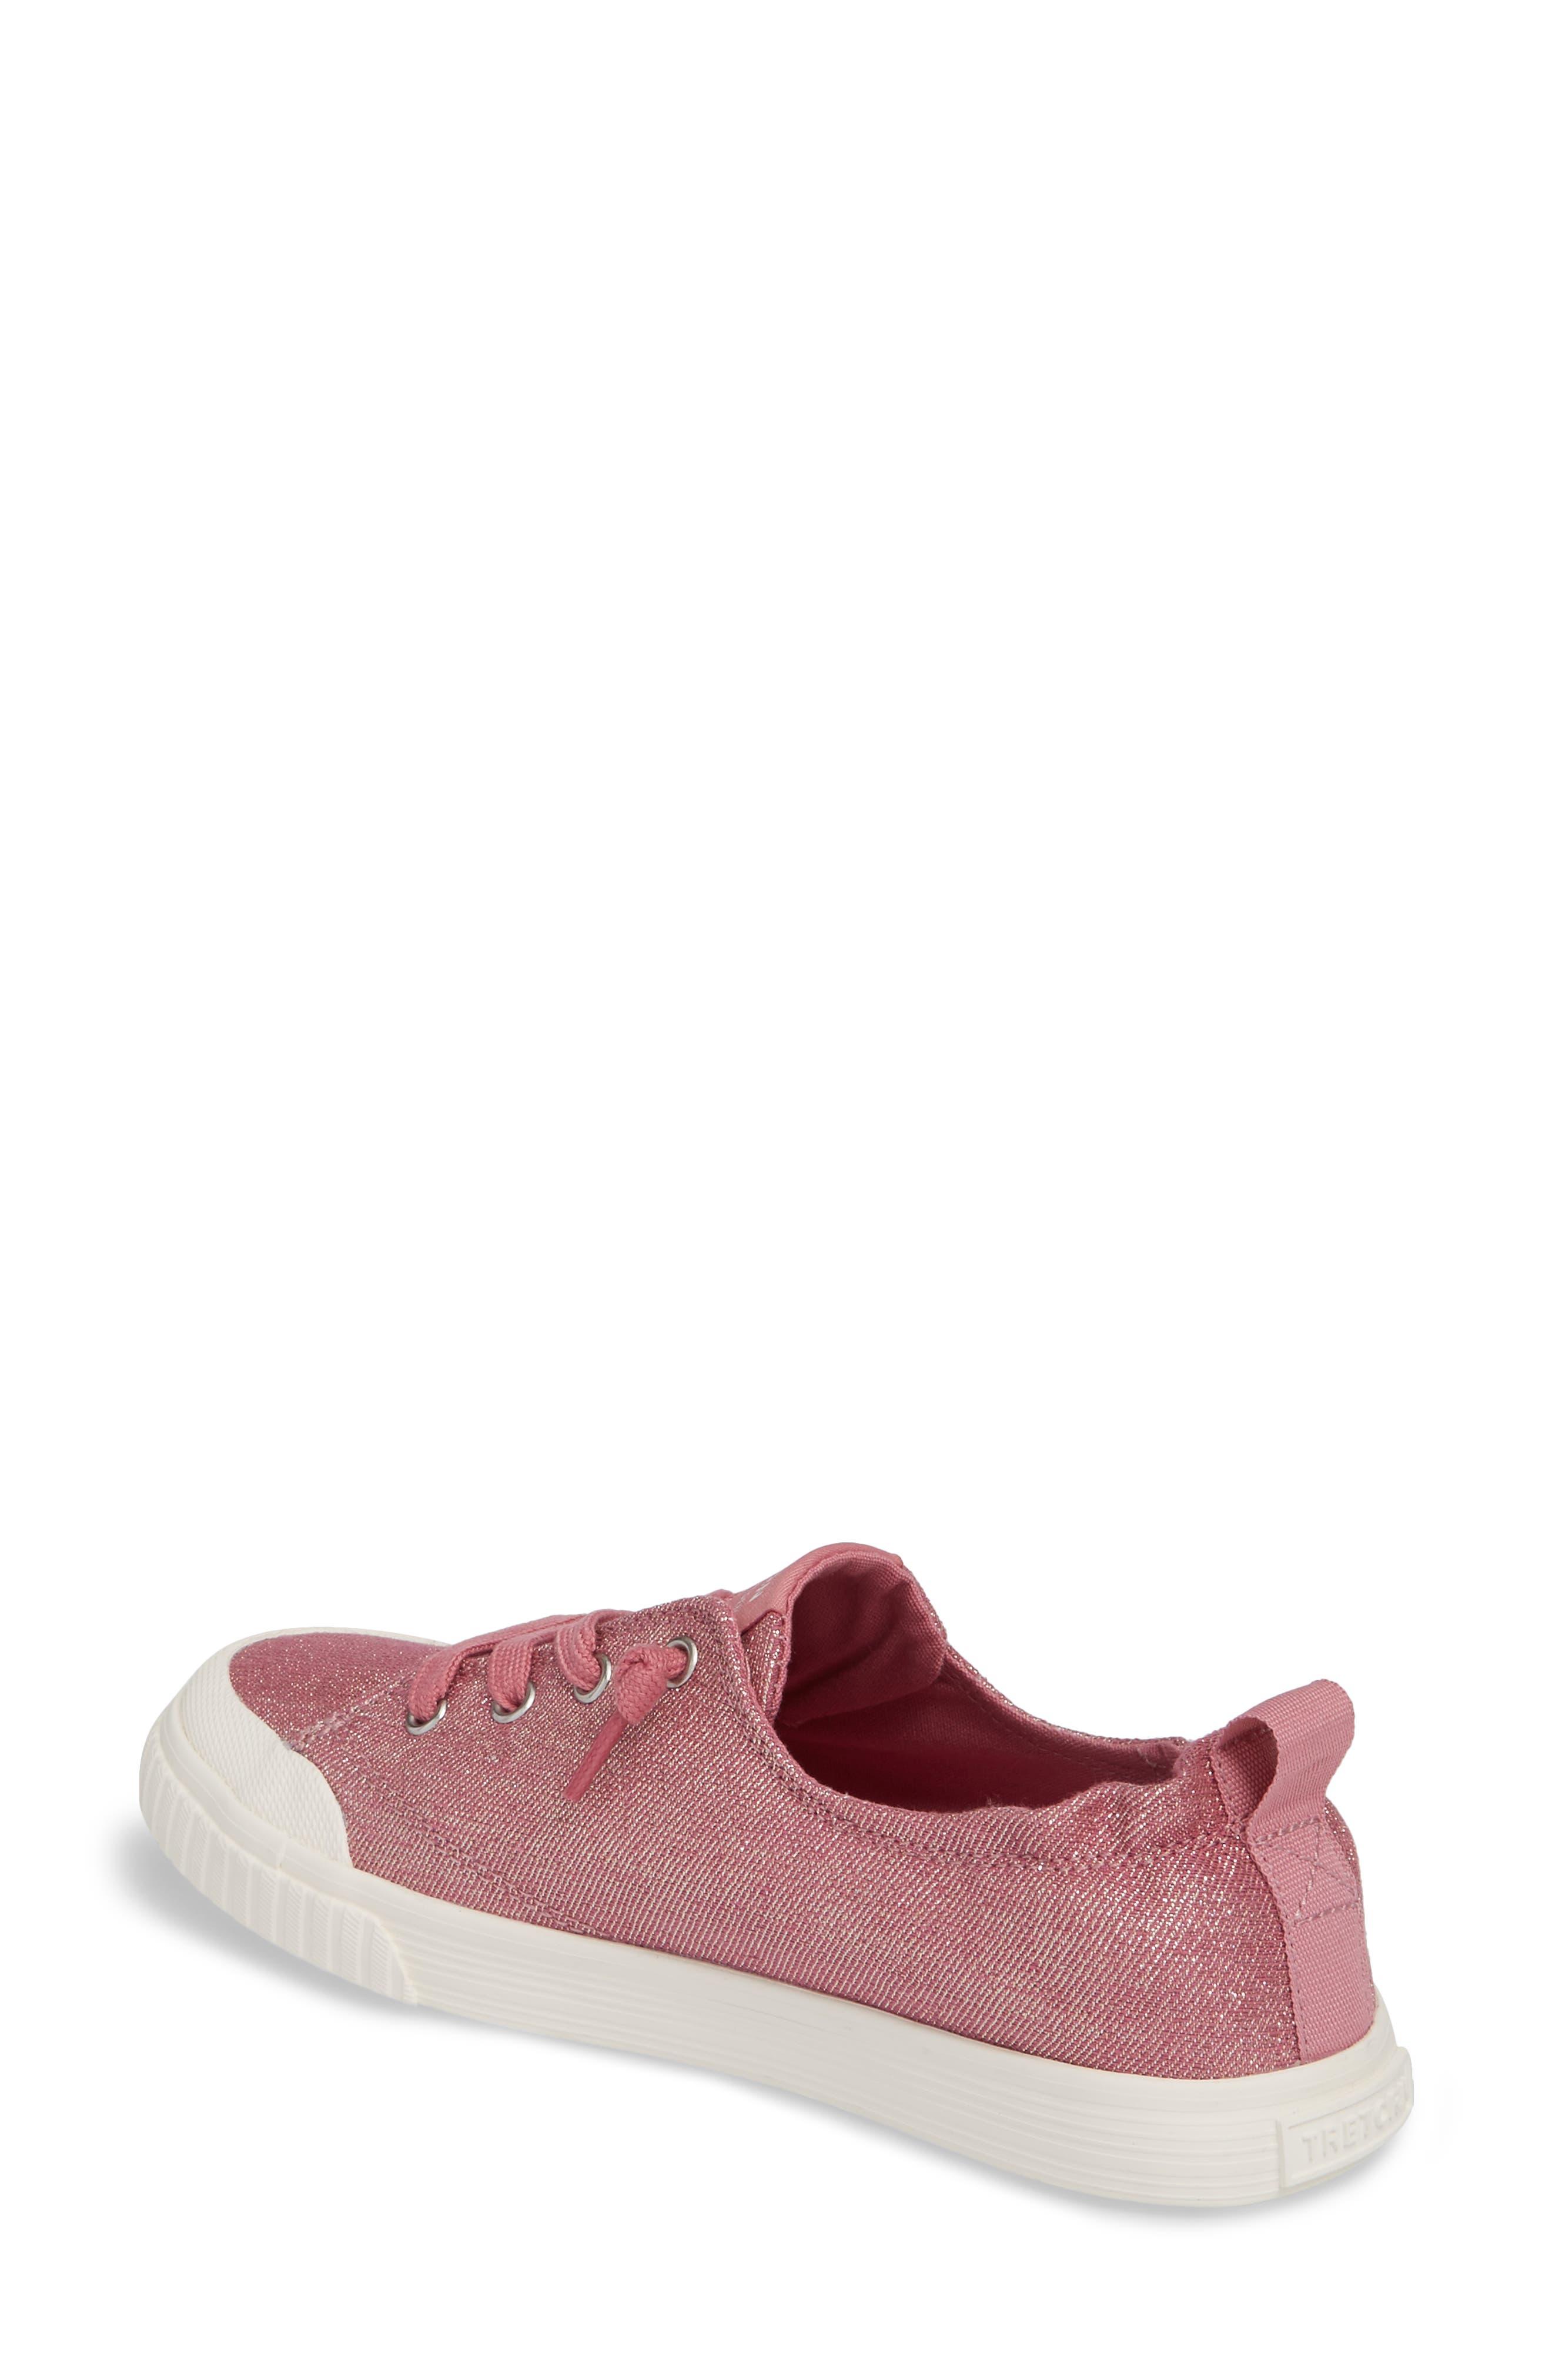 Meg Slip-On Sneaker,                             Alternate thumbnail 8, color,